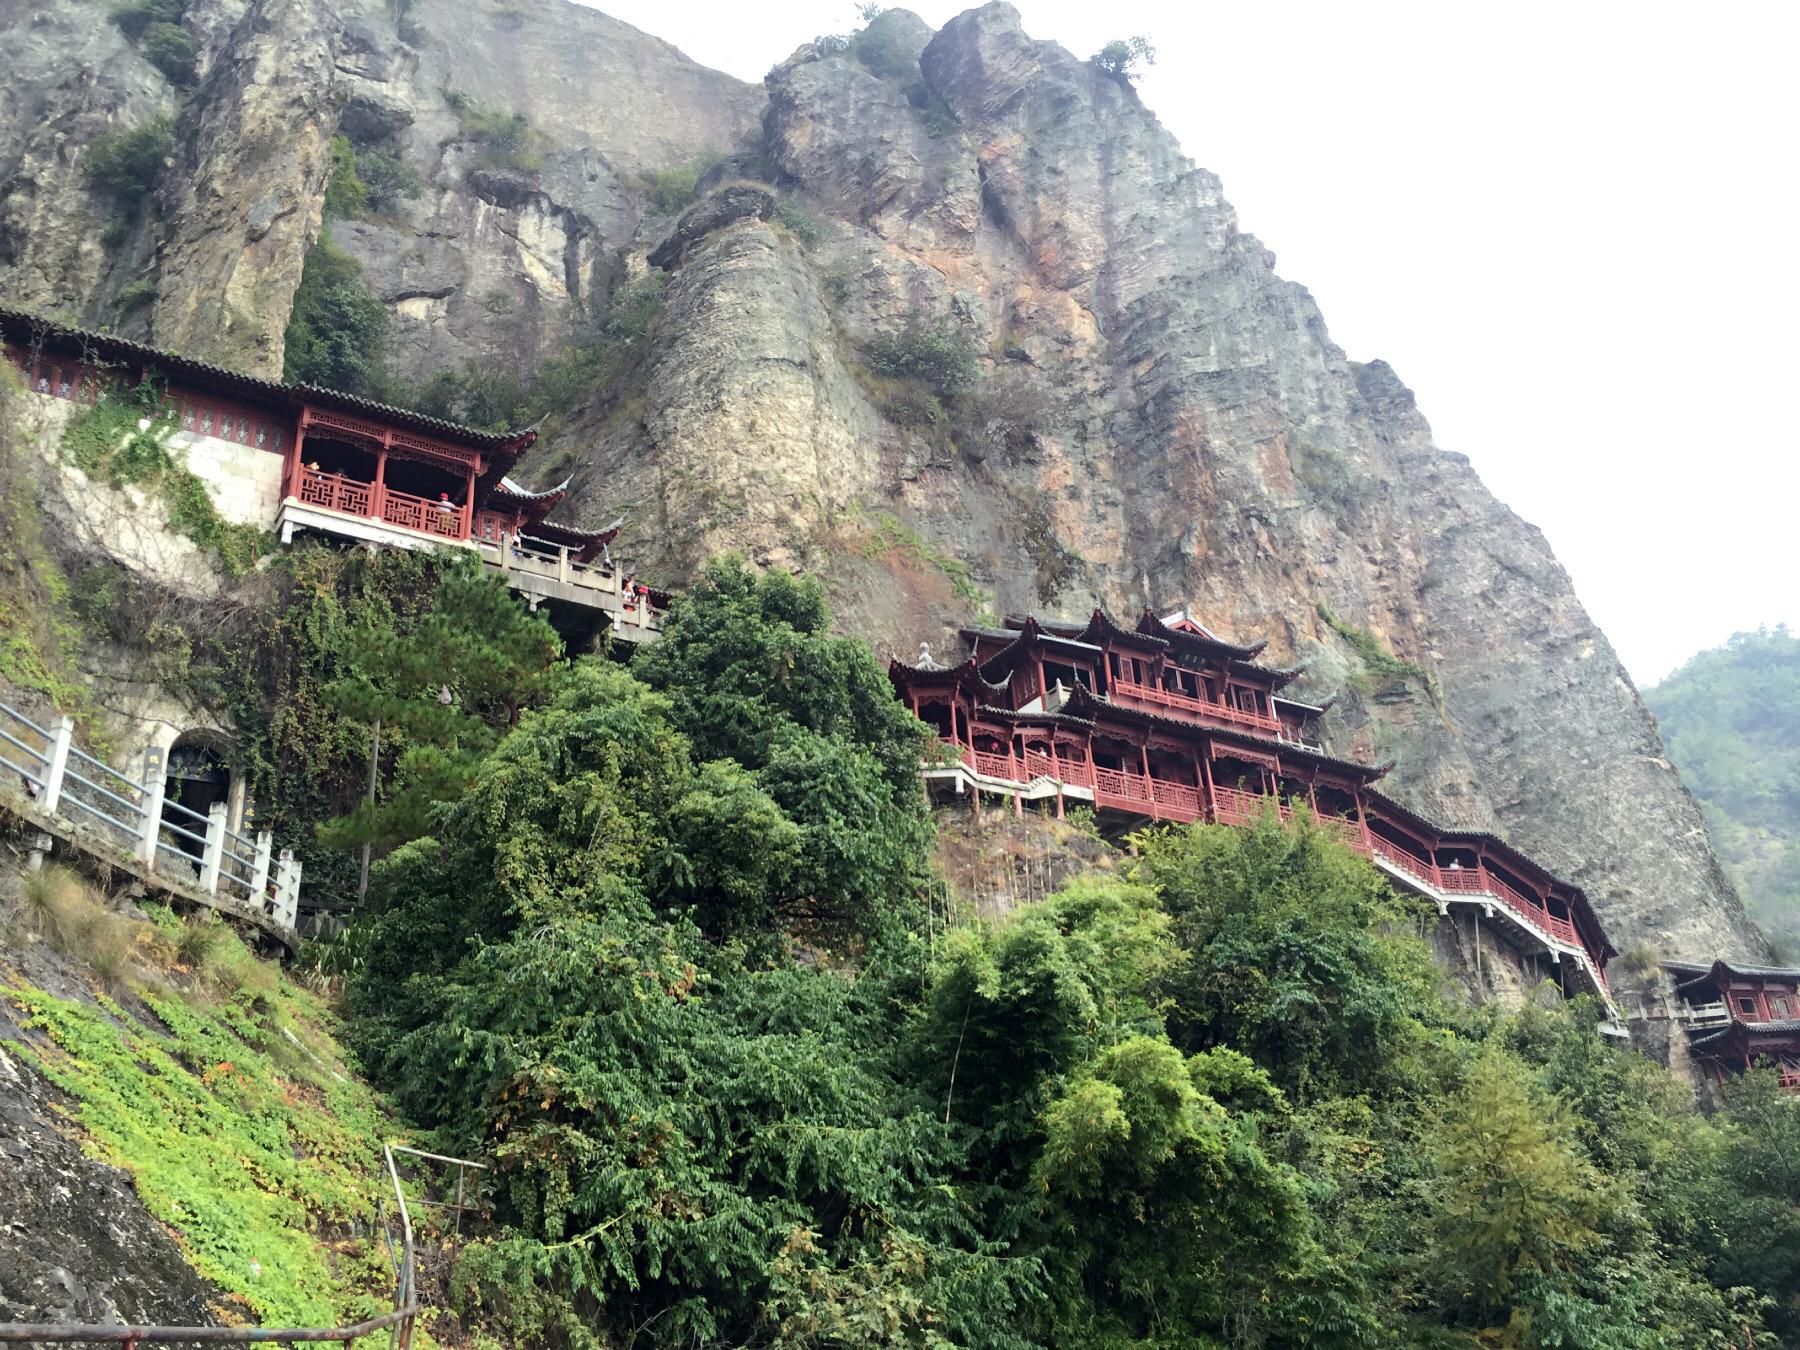 建德大慈岩-杭州旅游攻略-攻略-去哪儿攻略天津到泰山一日游游记图片